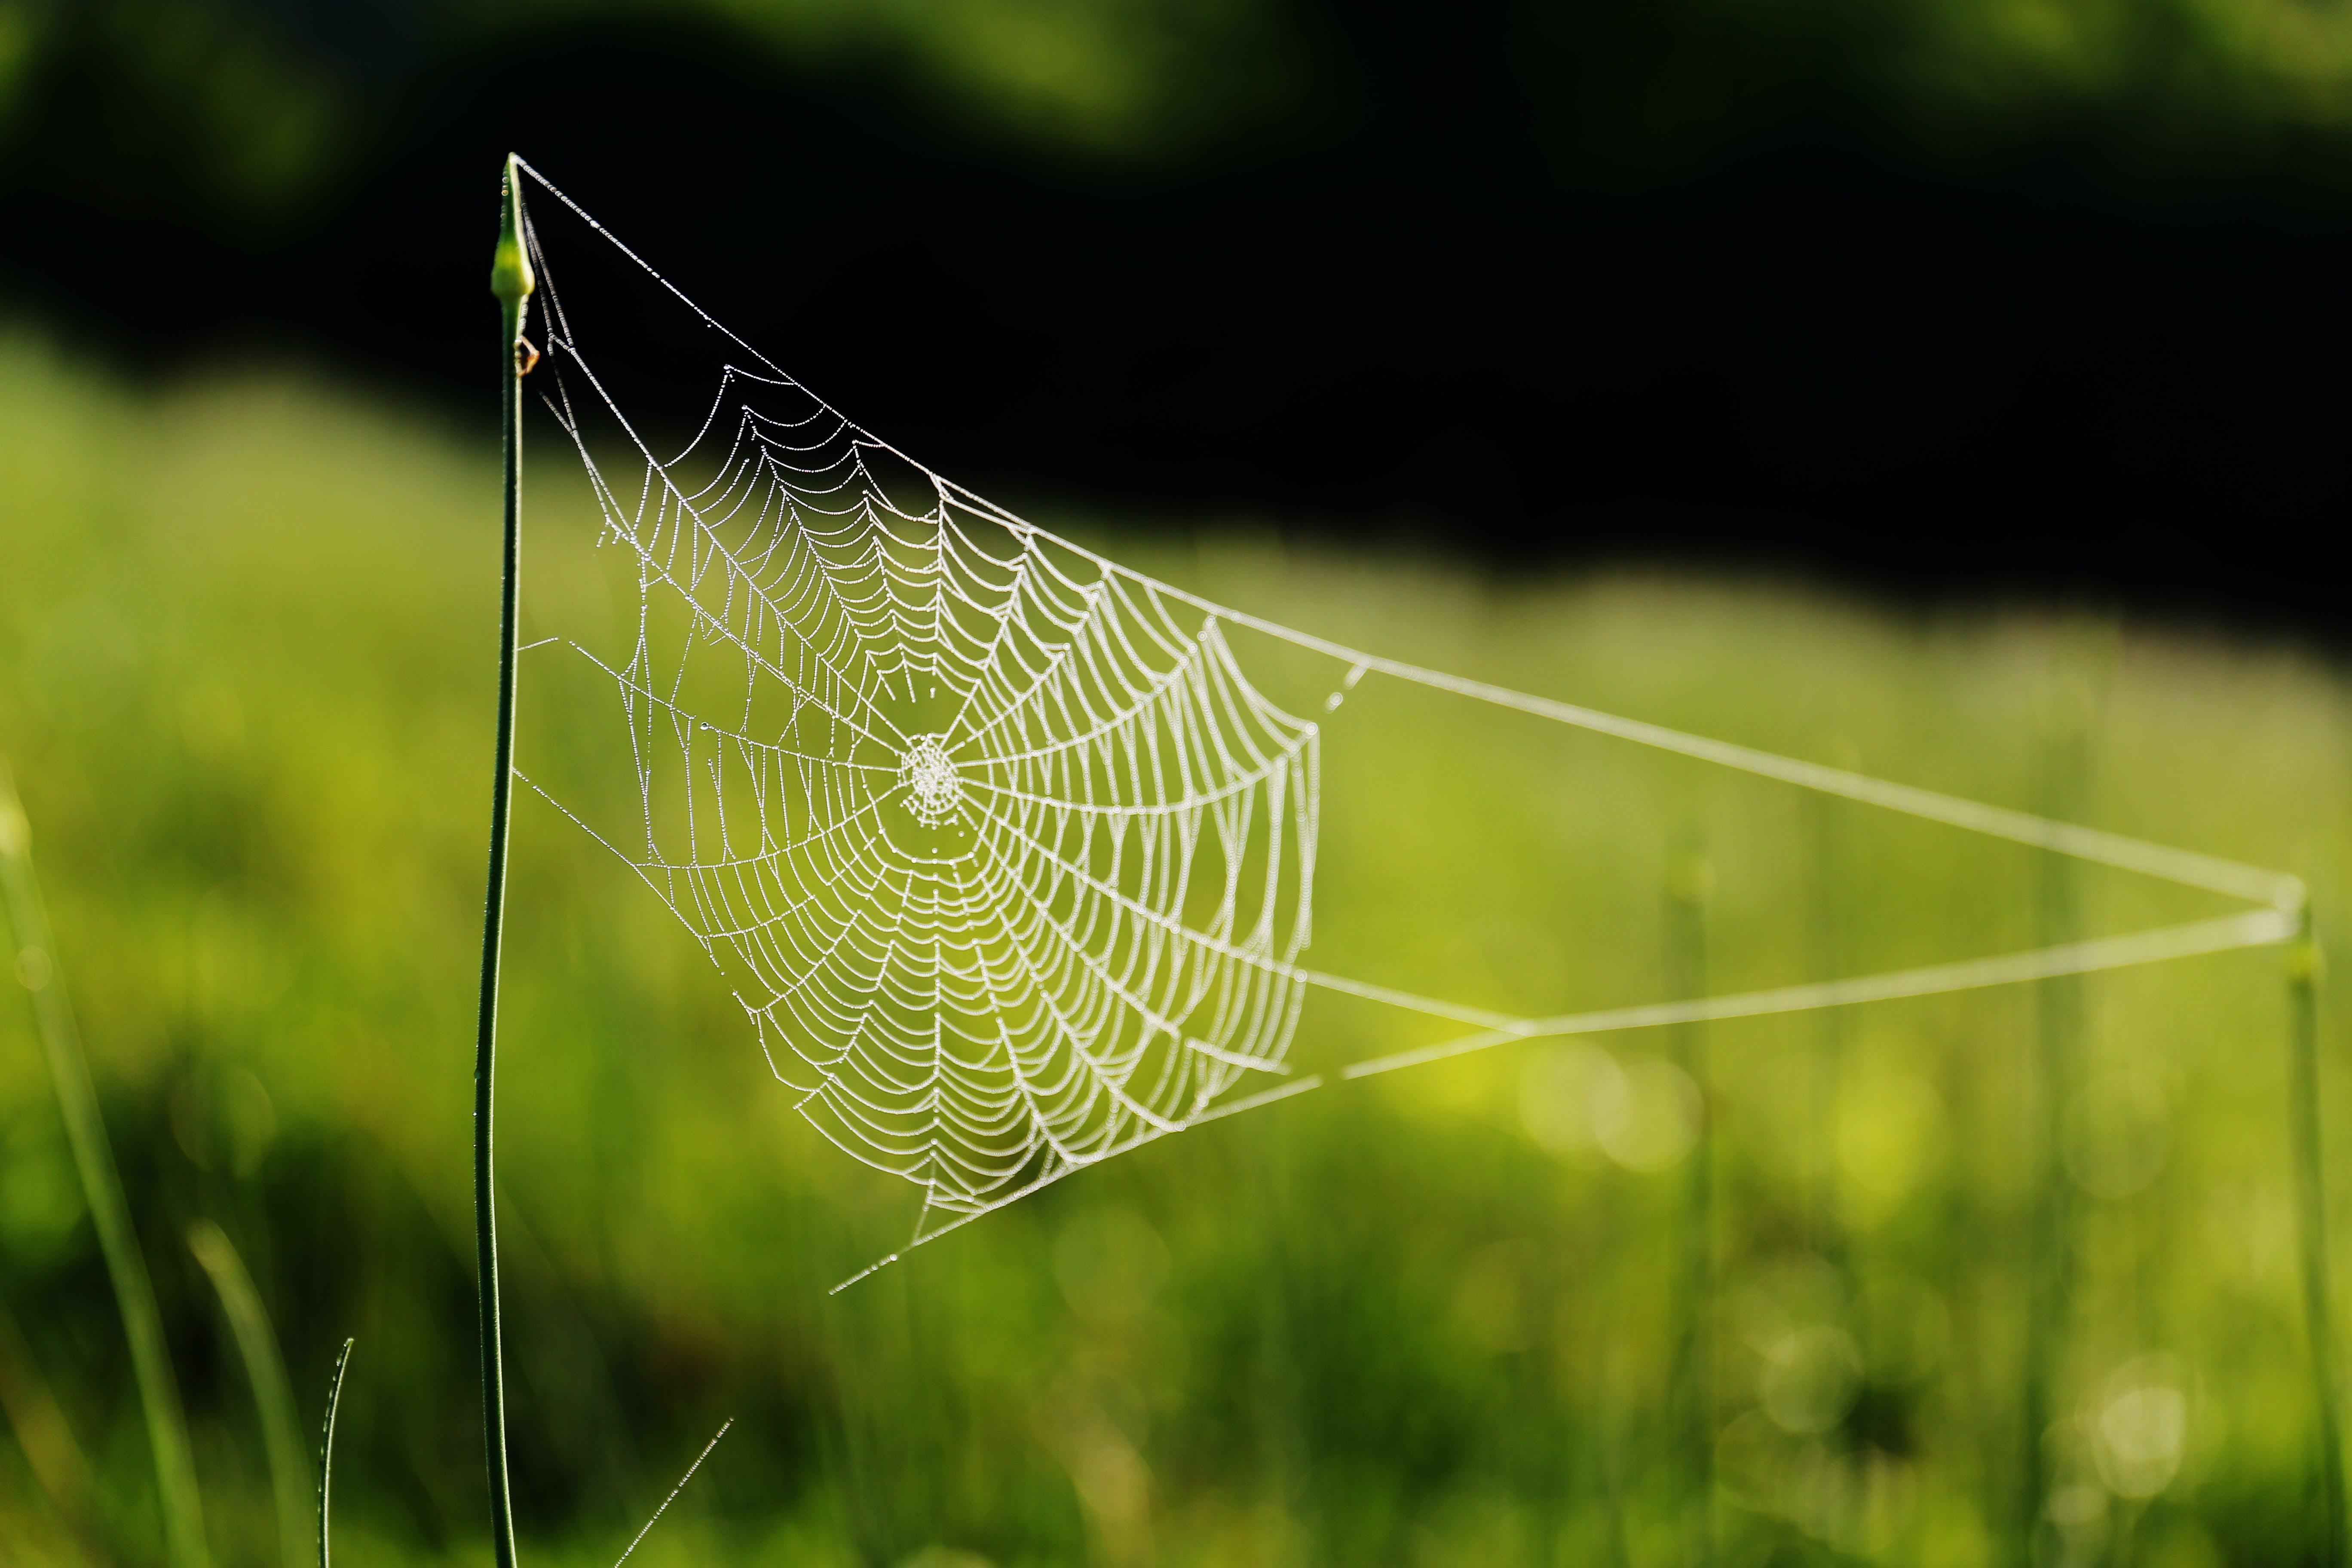 Kostenloses Stock Foto zu gras, makro, netz, spinnennetz